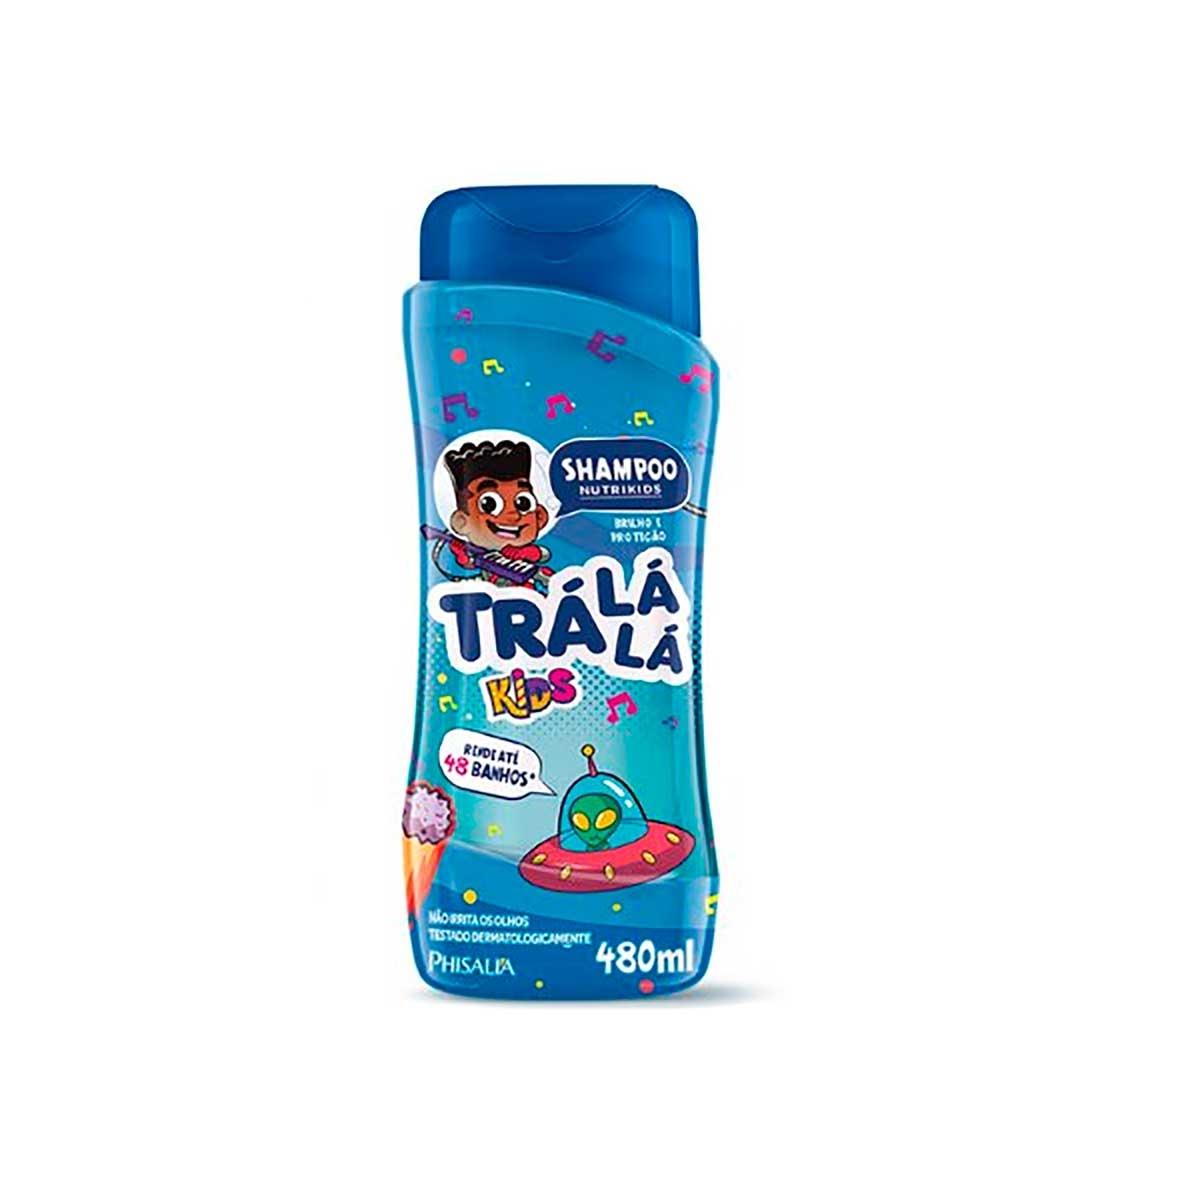 Shampoo Trá Lá Lá Kids Nutrikids com 480ml 480ml